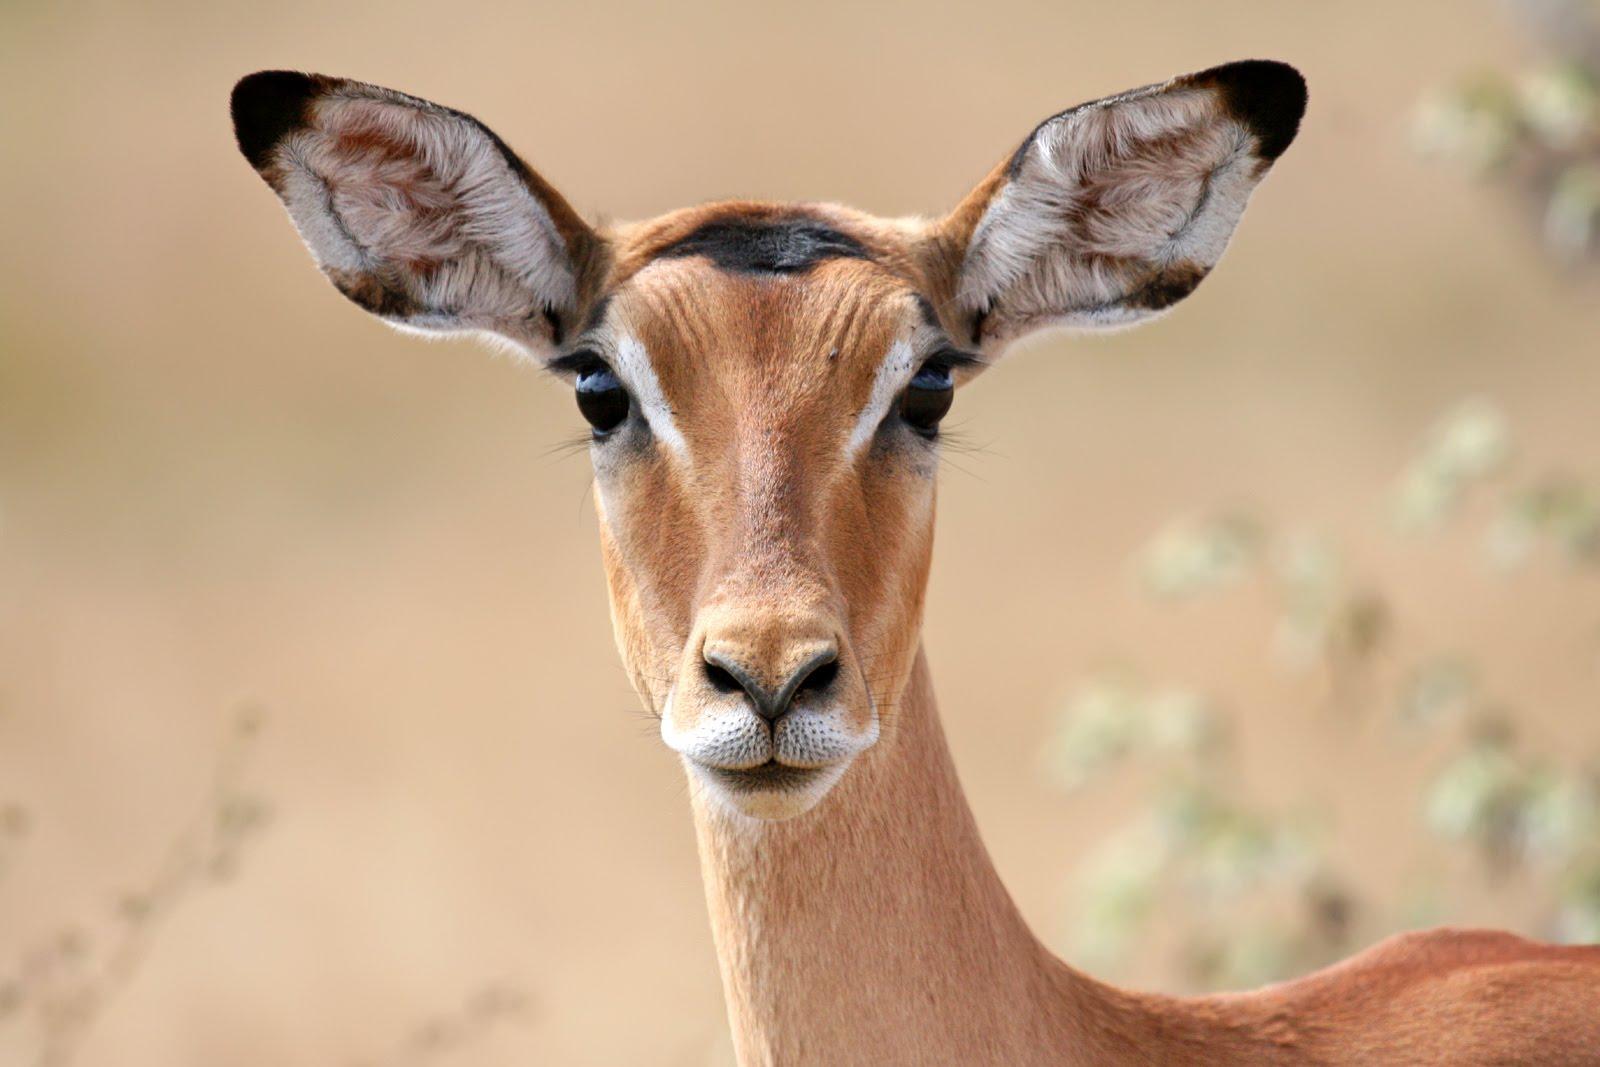 صور هل تعلم عن الحيوانات , معلومات هامة عن الحيوانات